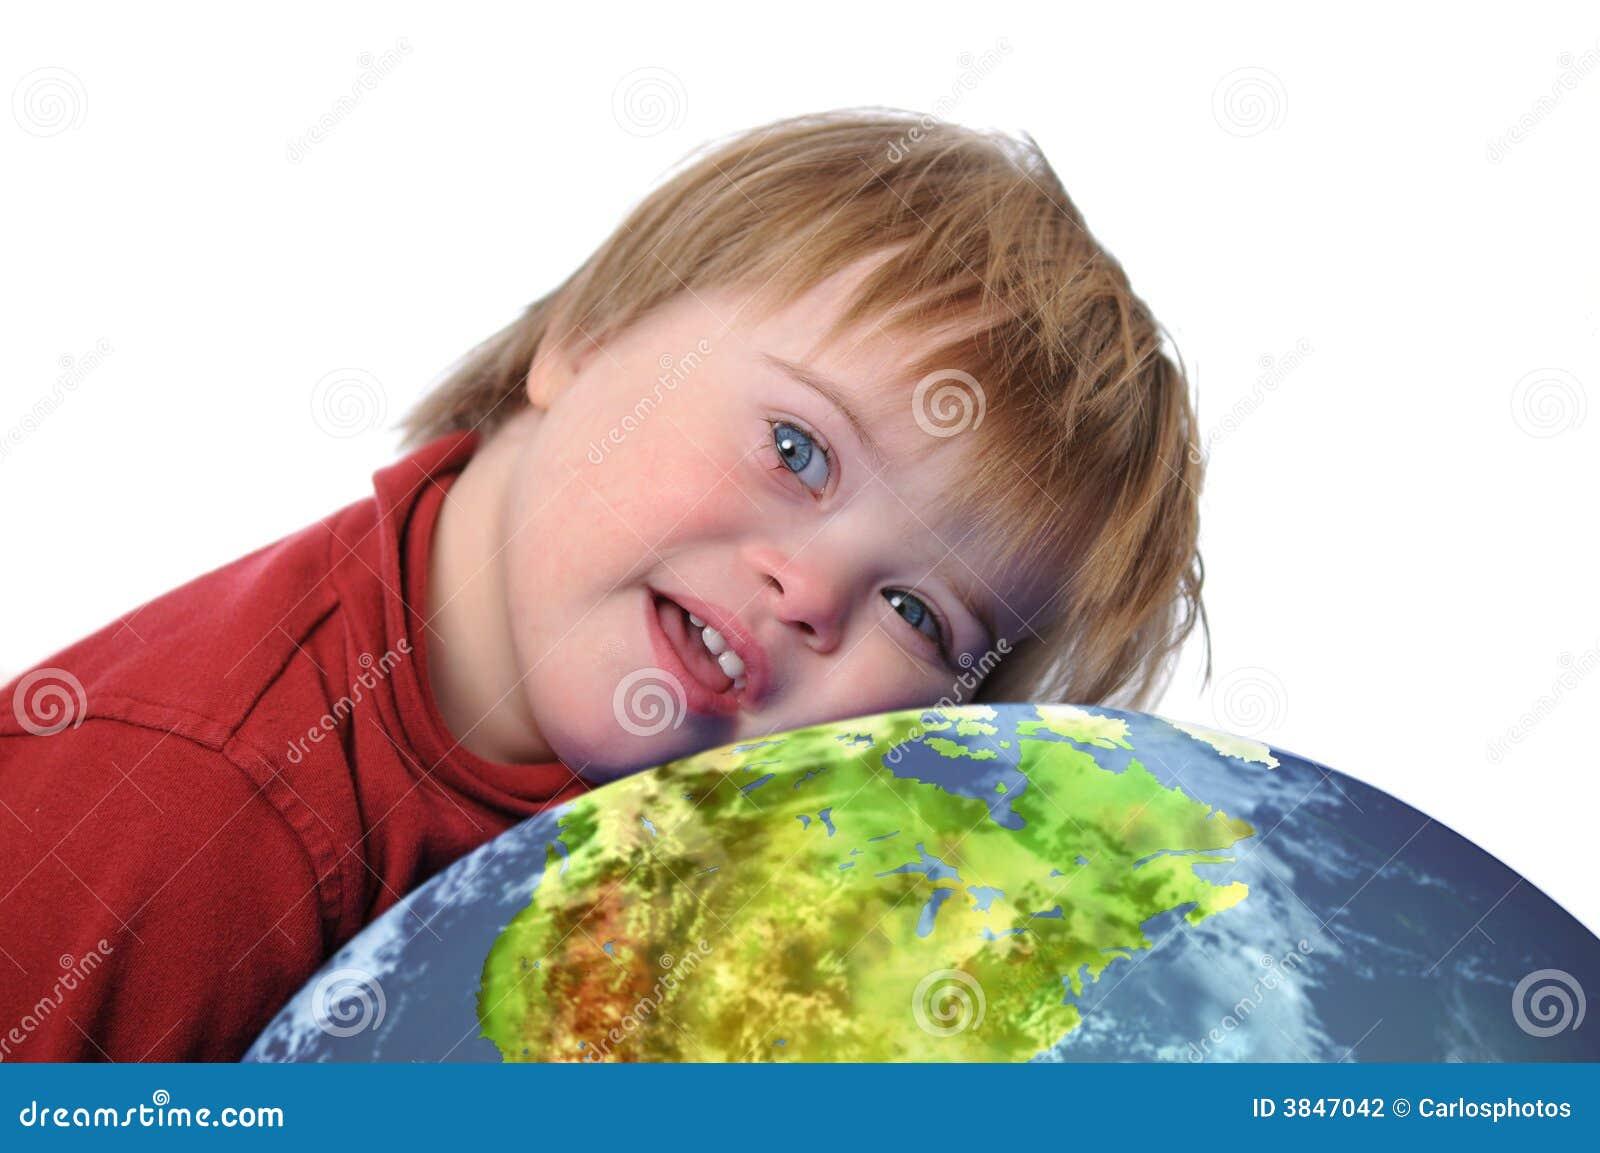 Muchacho con Down Syndrome y tierra